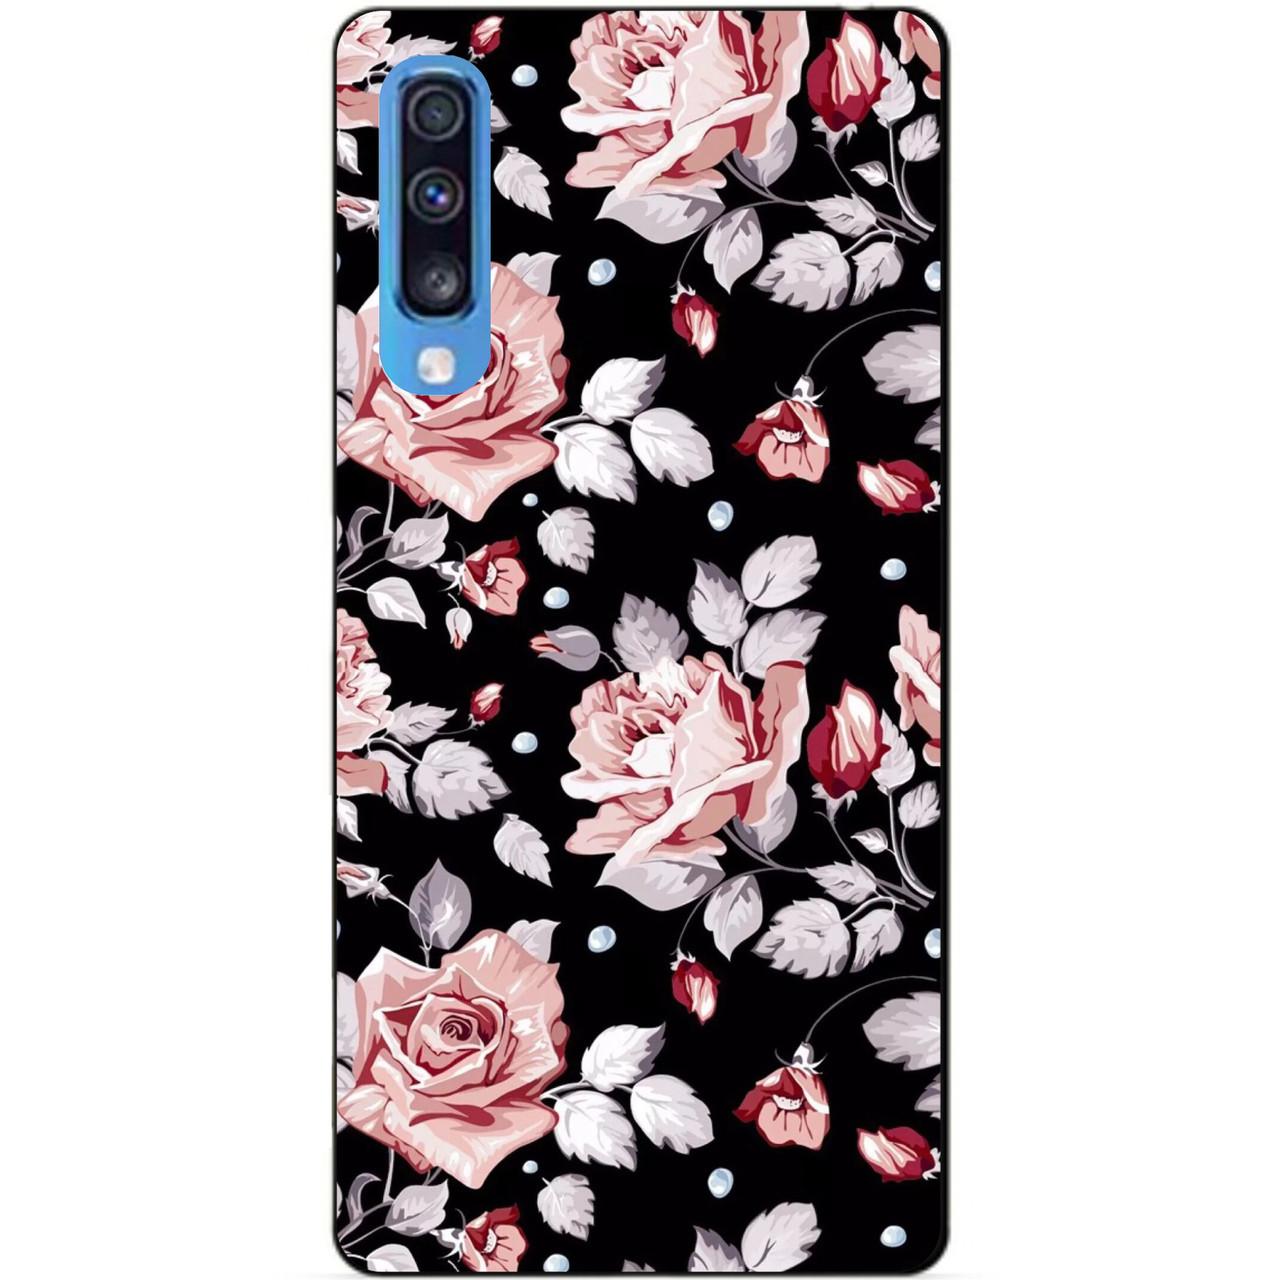 Чехол силиконовый для Samsung A70 с рисунком Розы